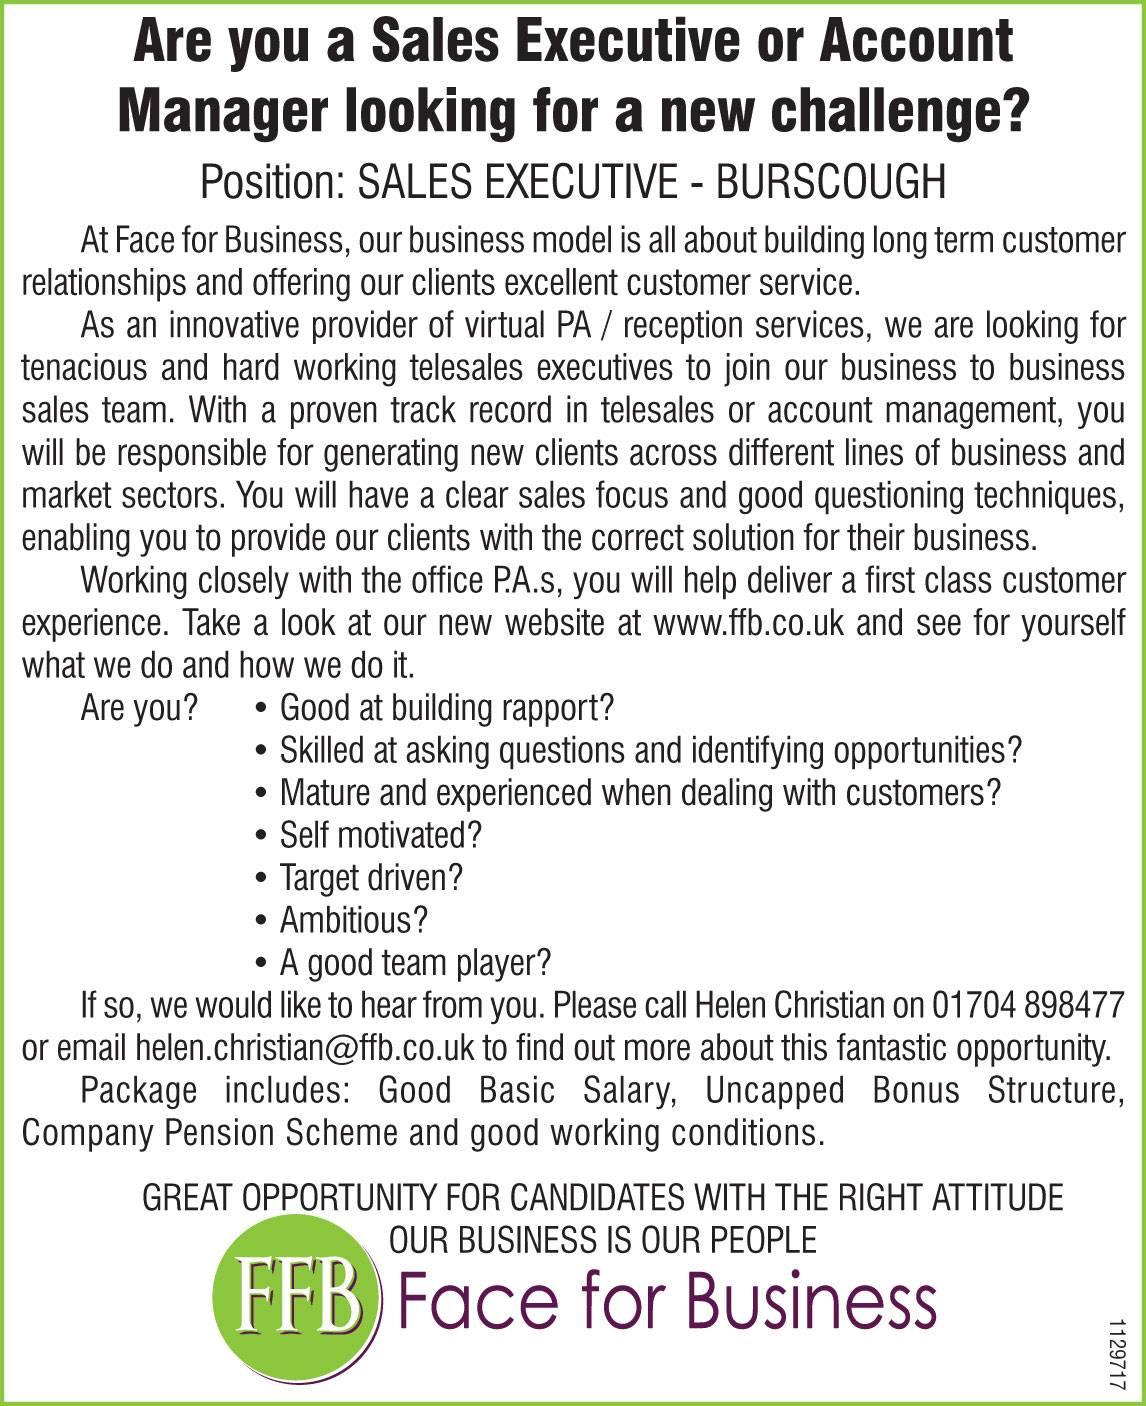 ffb-latest-recruitment-ad